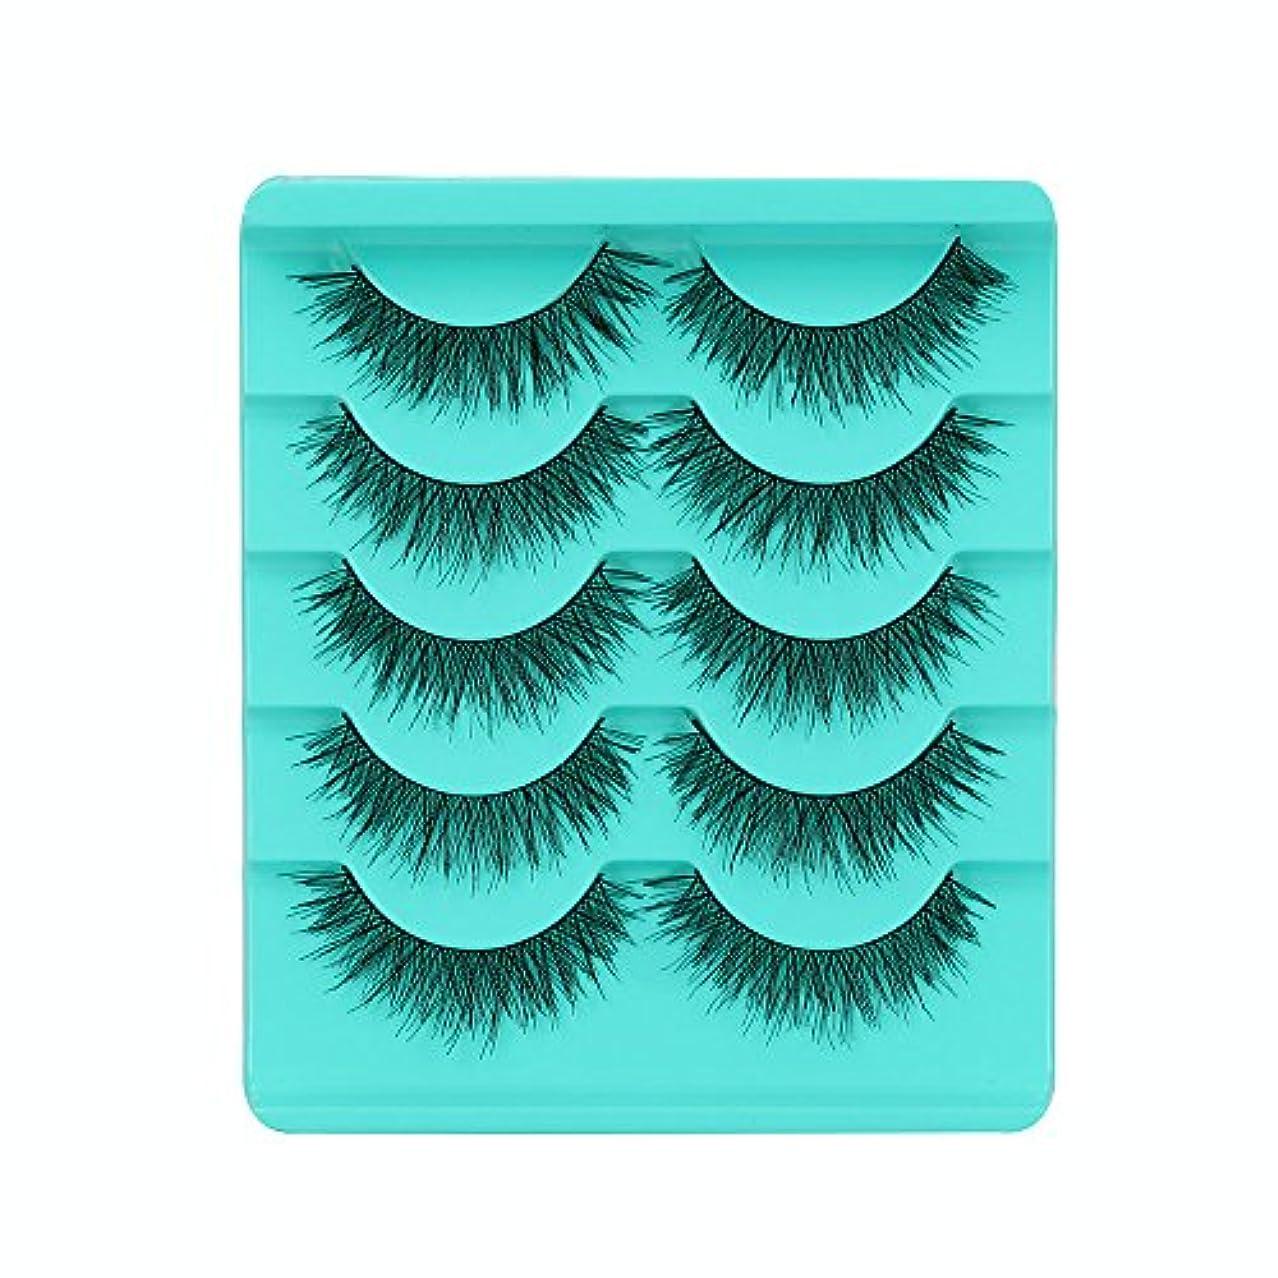 バーマド平手打ちプログレッシブFeteso 5ペア つけまつげ 上まつげ Eyelashes アイラッシュ ビューティー まつげエクステ レディース 化粧ツール アイメイクアップ 人気 ナチュラル 飾り 柔らかい 装着簡単 綺麗 濃密 再利用可能